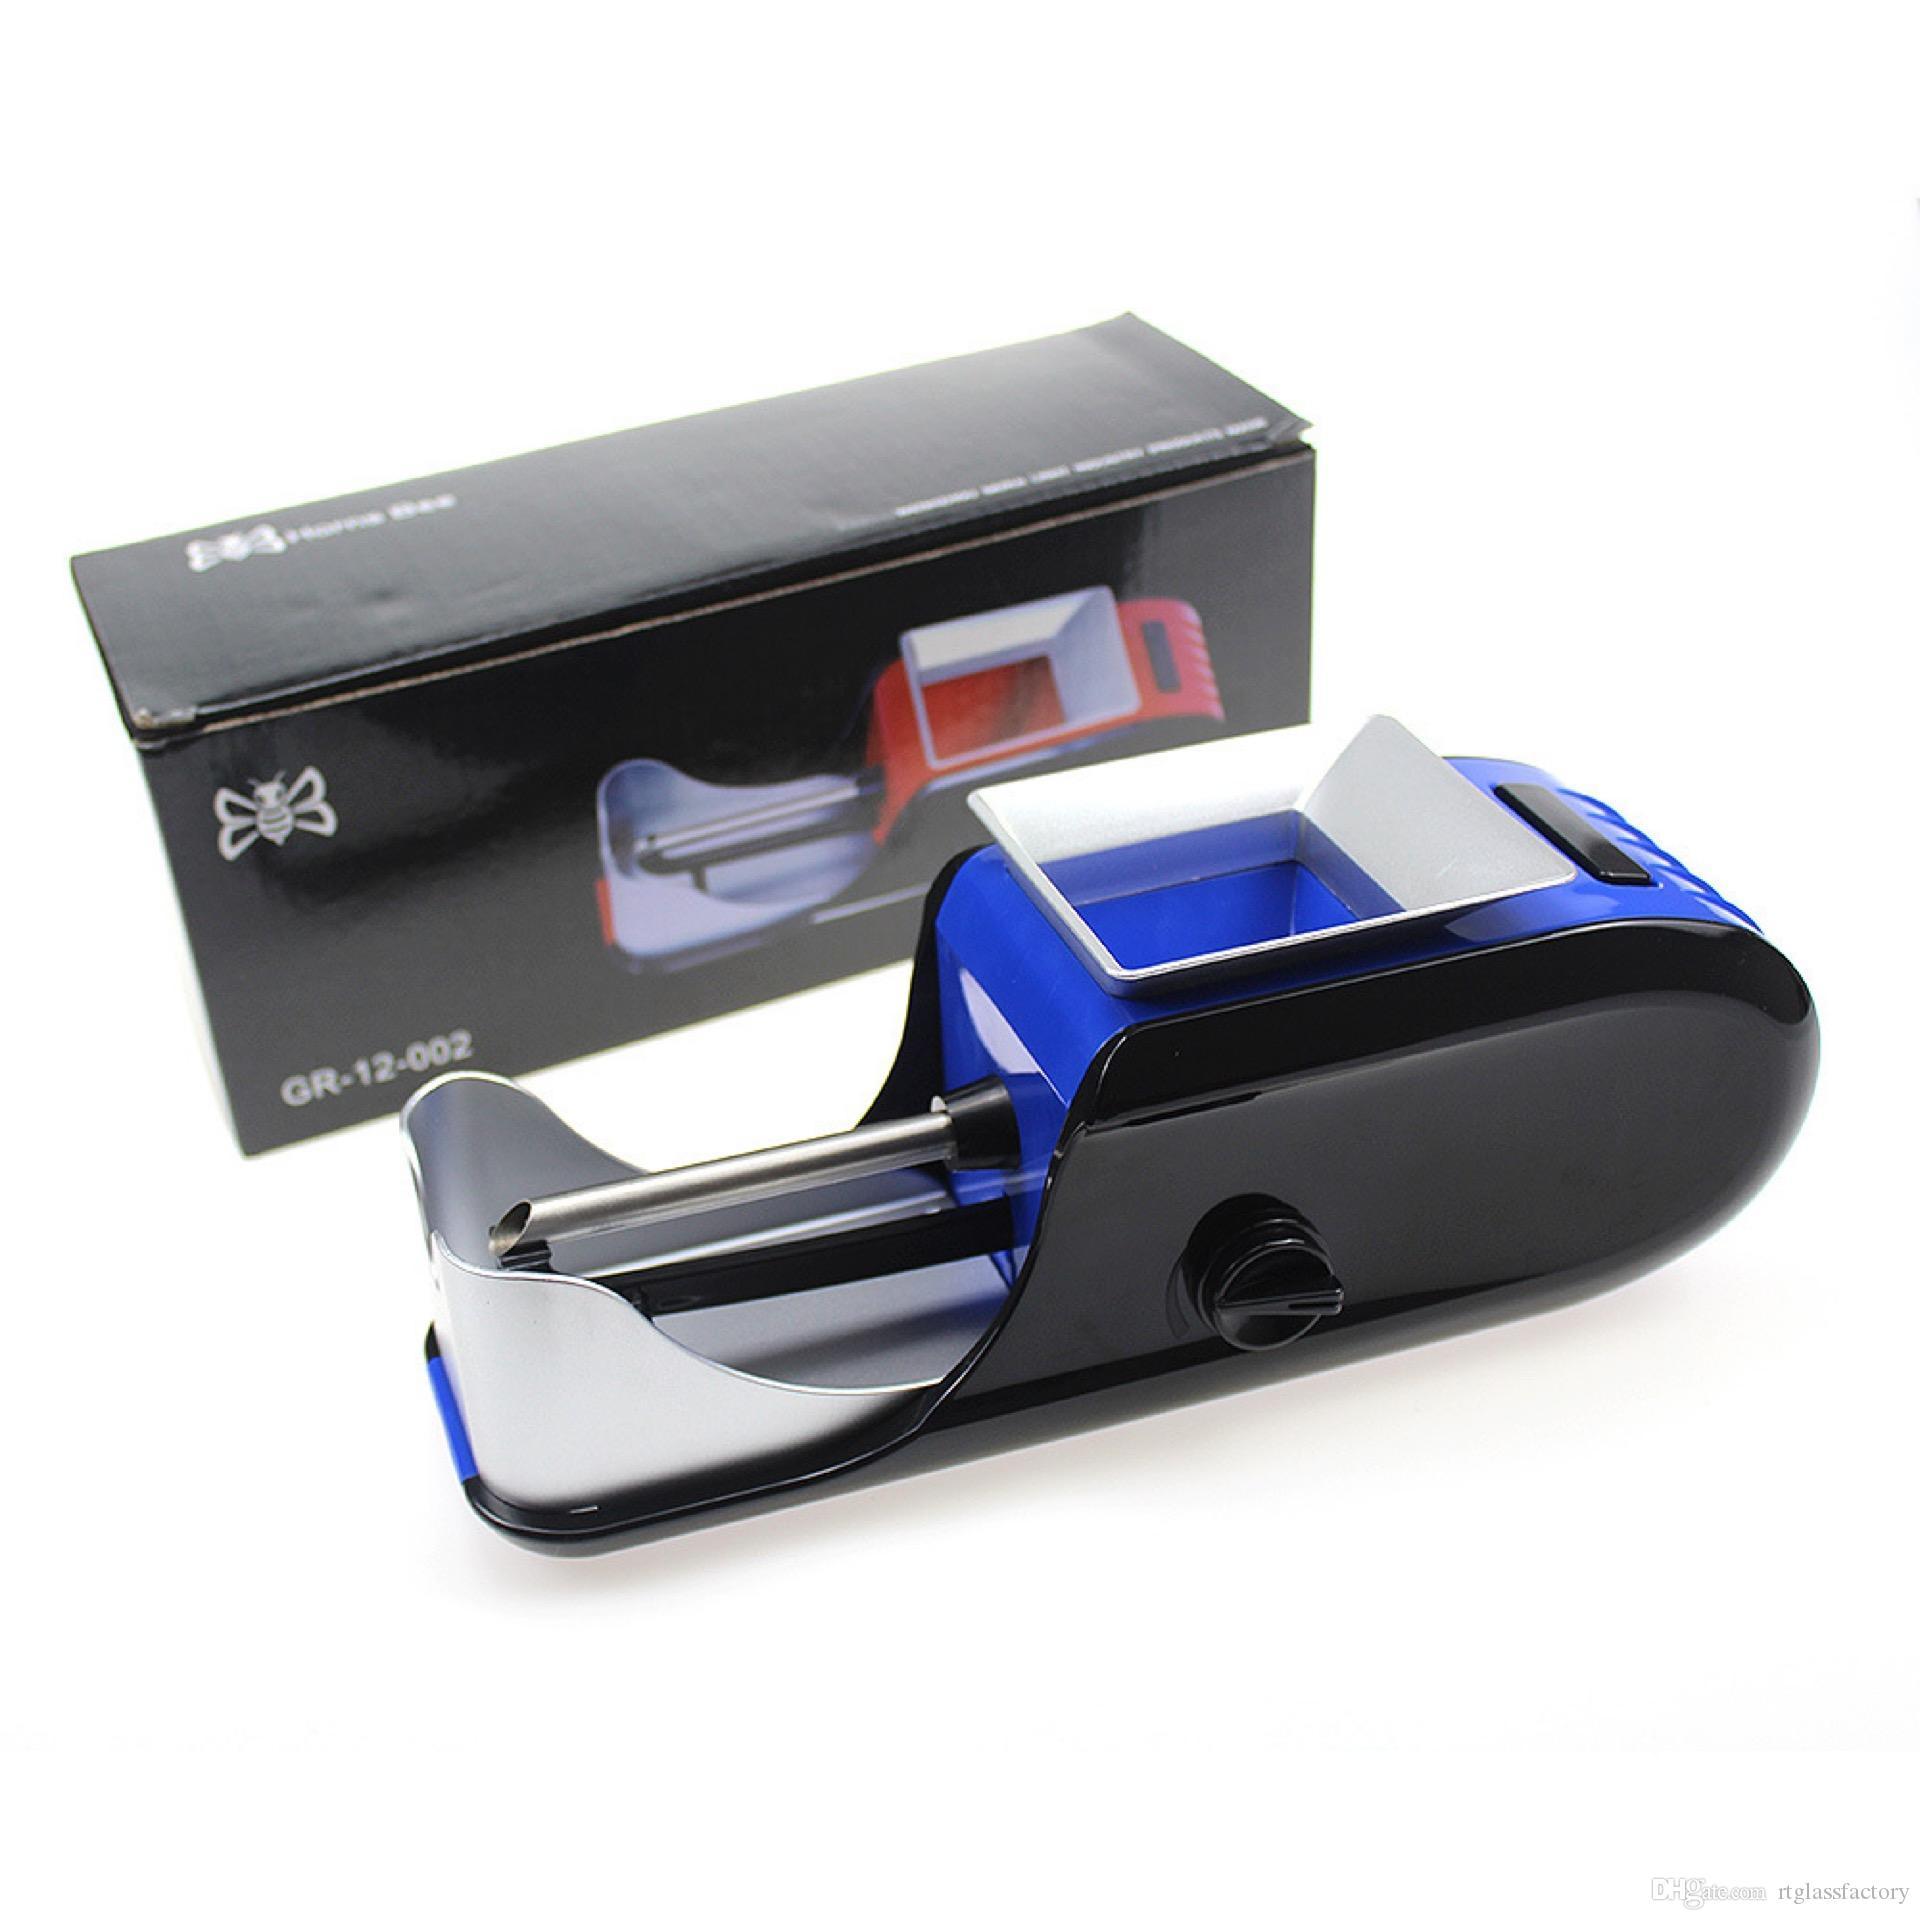 새로운 자동 전기 담배 인젝터 롤링 기계 담배 제조 업체 롤러 그라인더 분쇄기 드라이 허브 기화기 액세서리